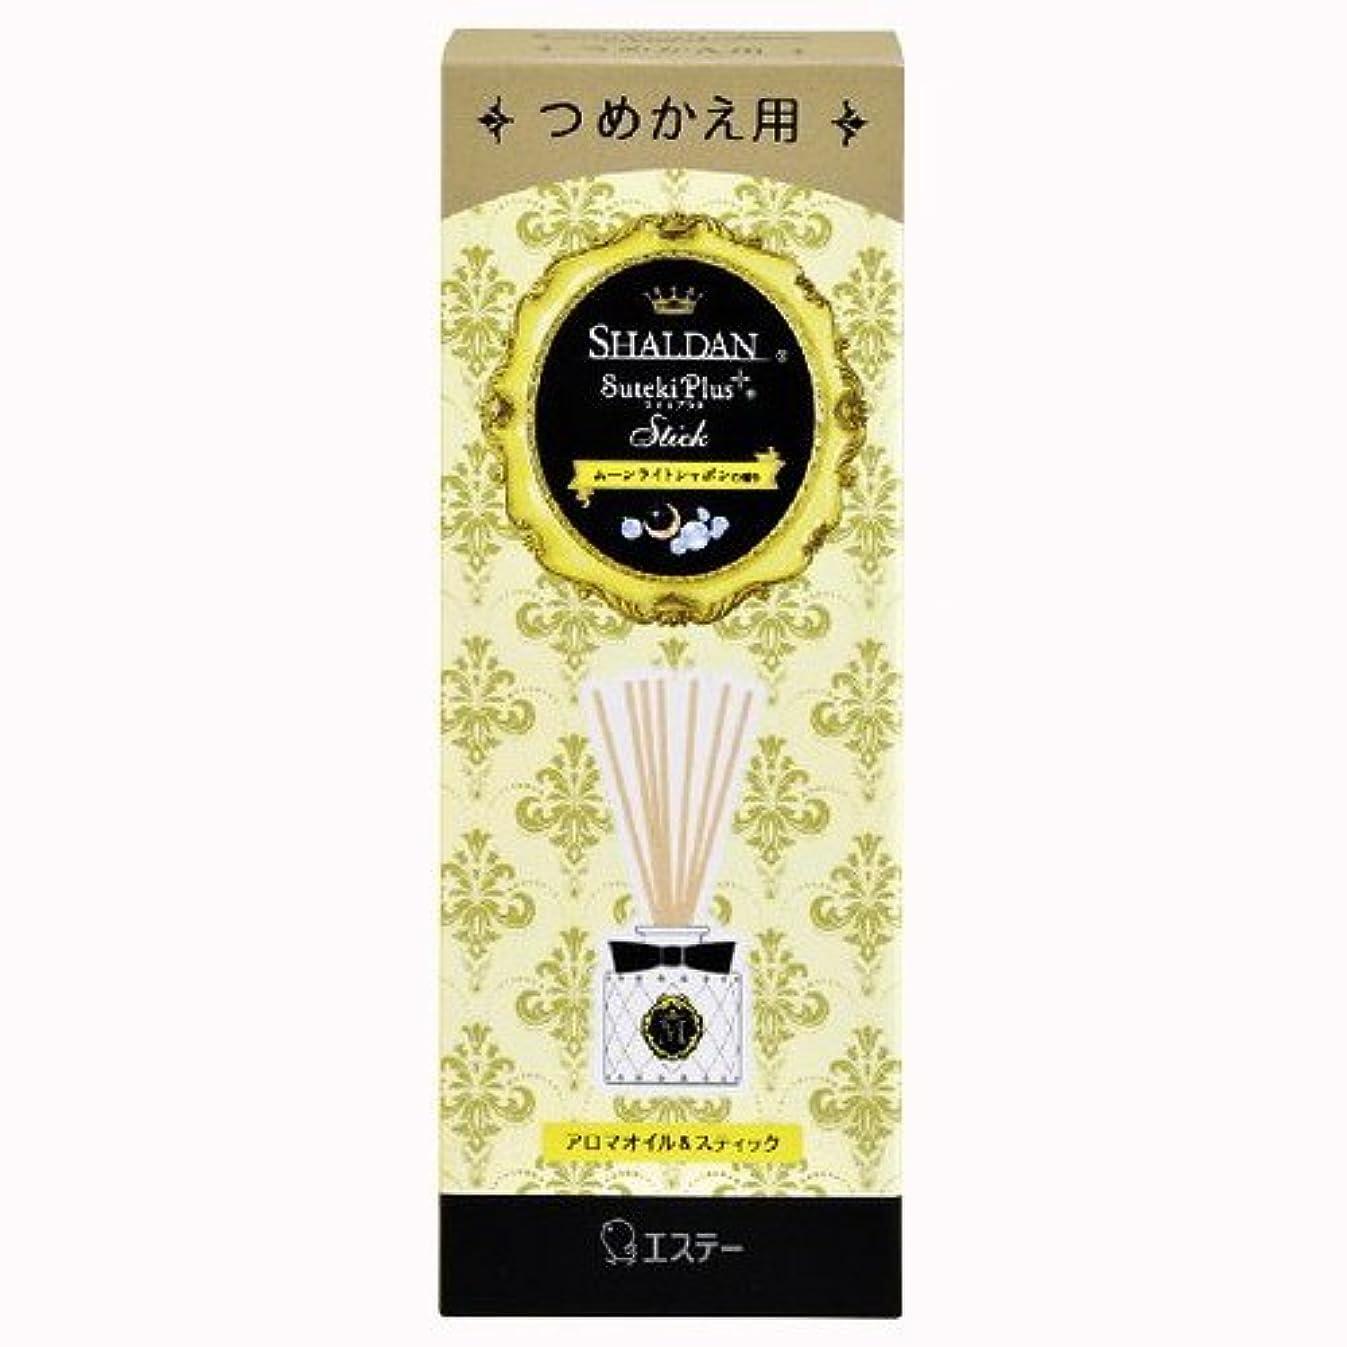 パースプレゼン傘SHALDAN(シャルダン) ステキプラス Stick つめかえ ムーンライトシャボンの香り × 3個セット